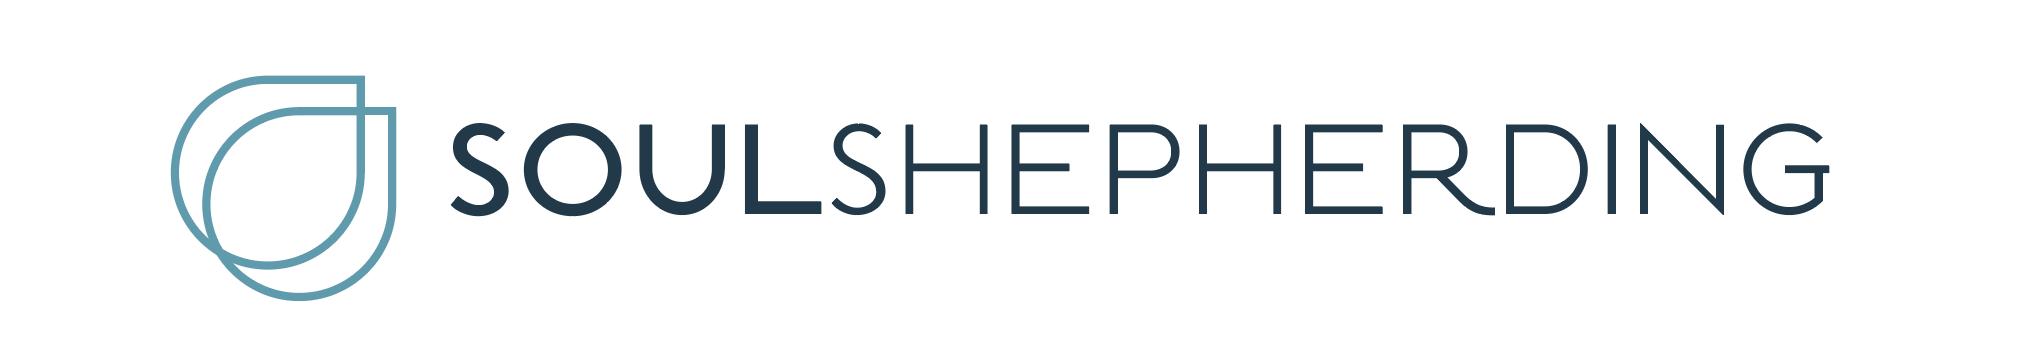 Soul Shepherding Logo | Natalie Lauren Design